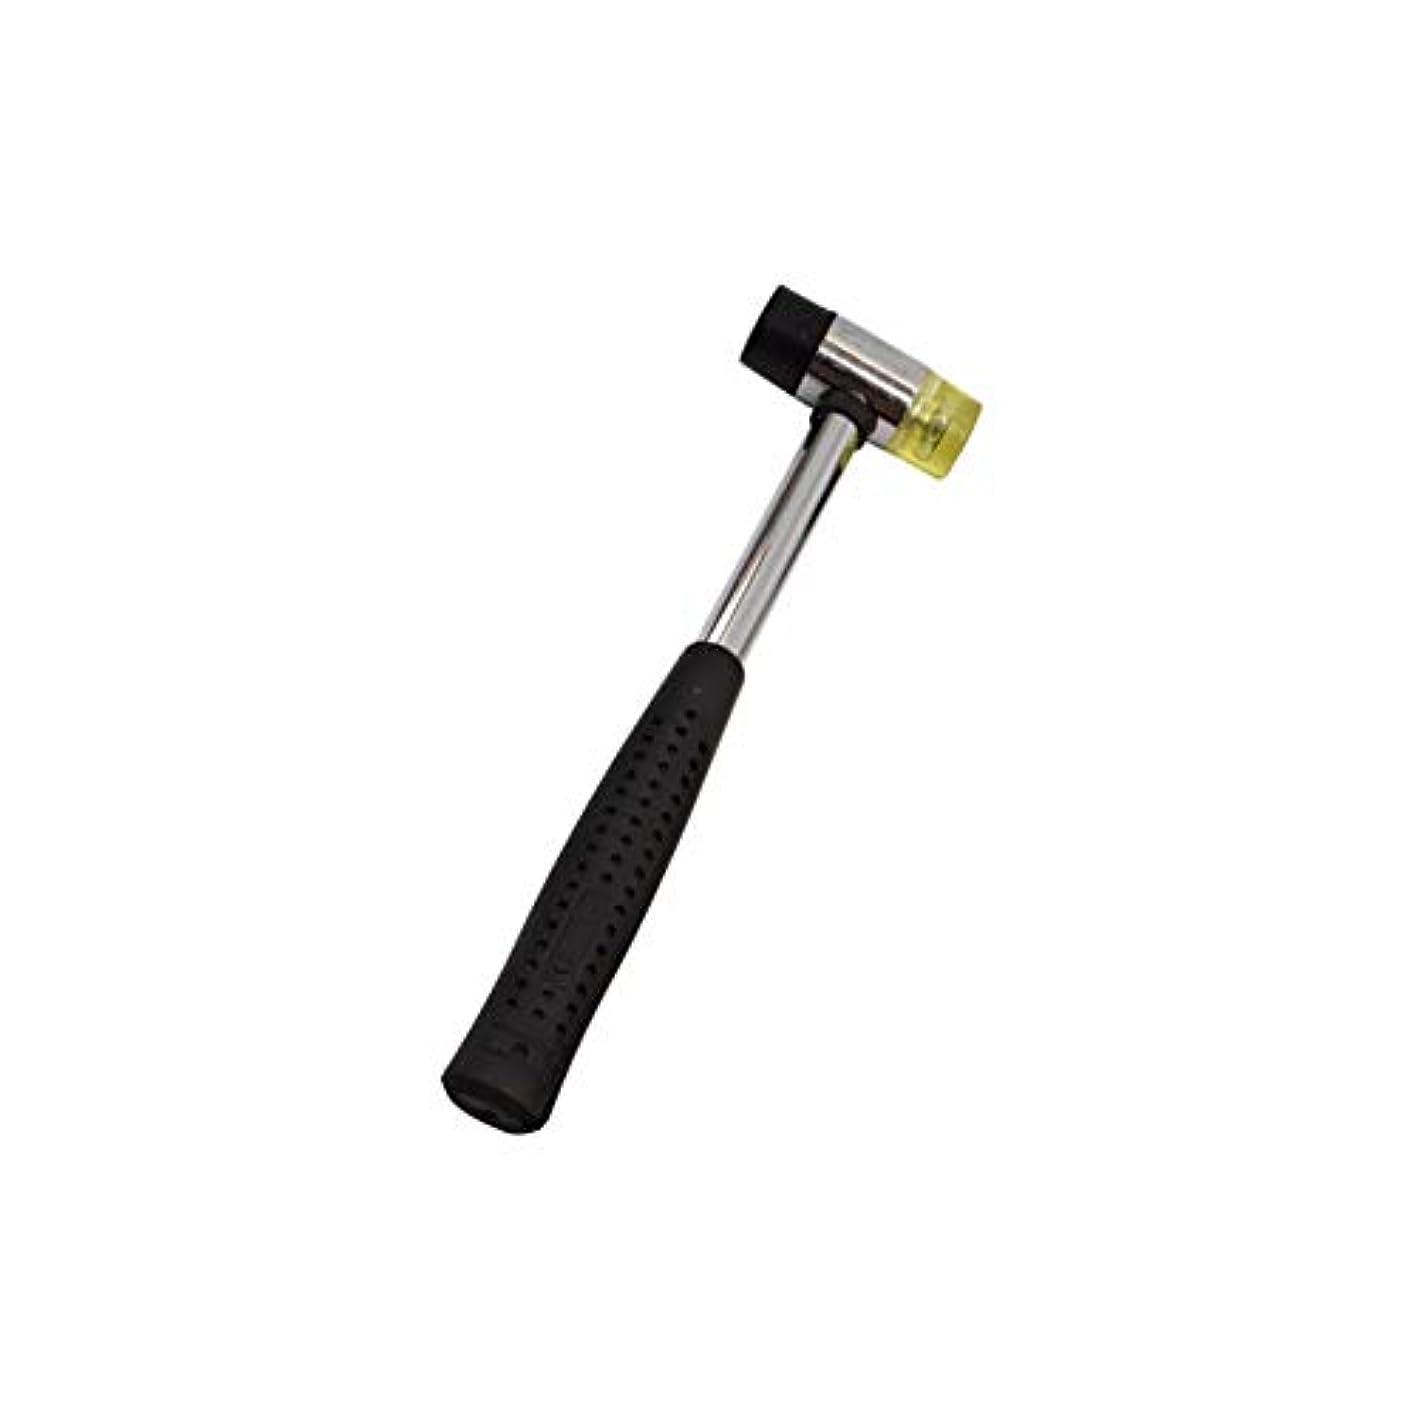 手荷物劣るカバーコンビハンマー レザークラフト 打ち具 ゴムハンマー 家庭用のツール 軽量両用 両面 多目的 軽量 レザーツール ゴム槌